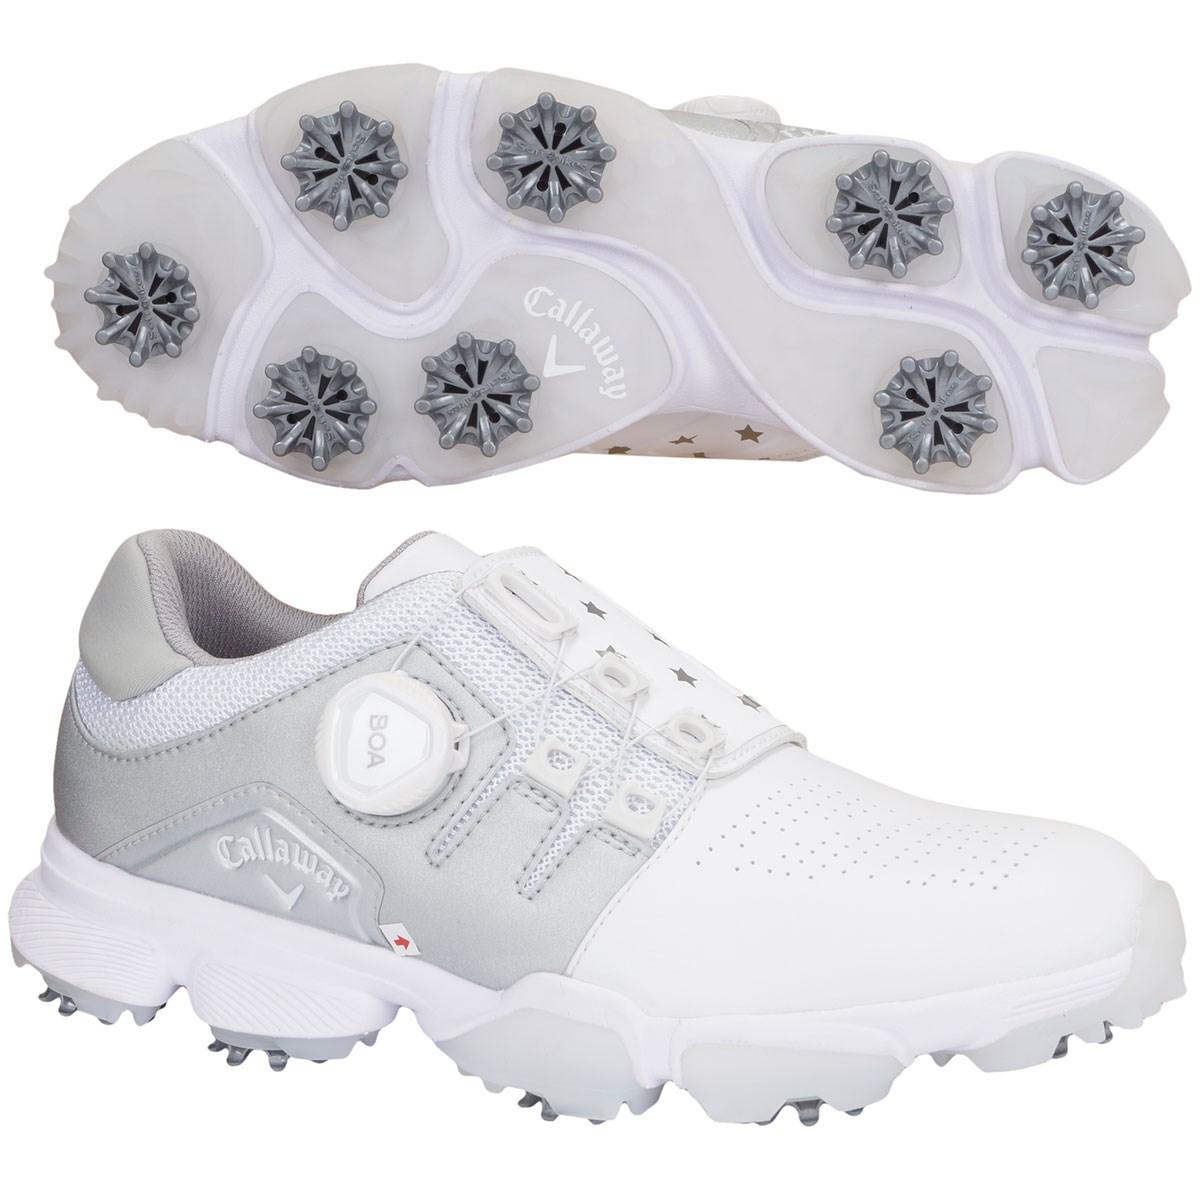 キャロウェイゴルフ(Callaway Golf) HYPERCHEV BOA WM 18 ゴルフシューズレディス